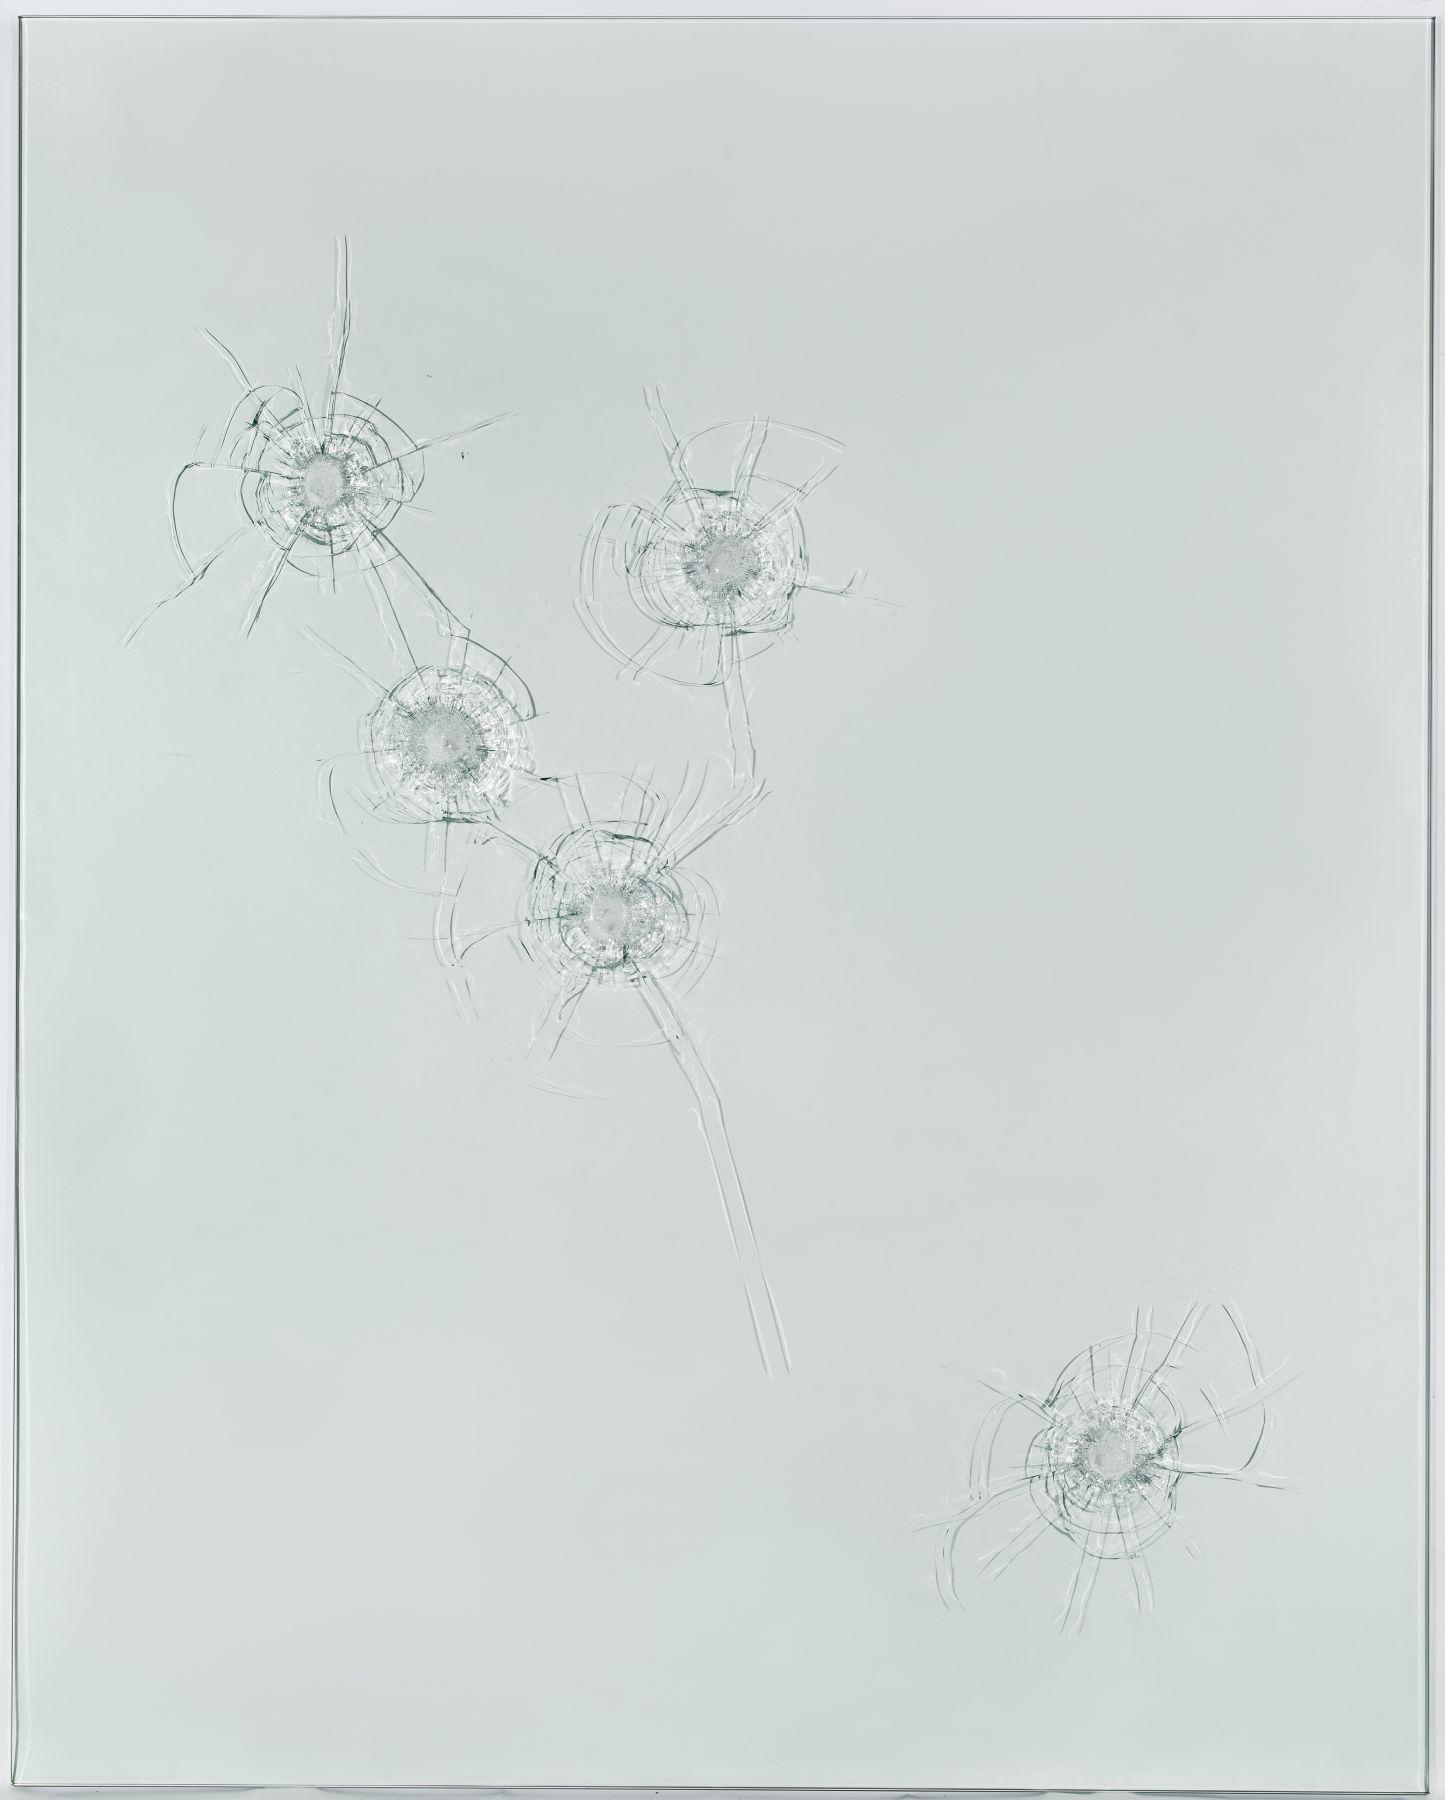 Zhao Zhao 赵赵 (b. 1982), Constellation III 星座叁, 2013